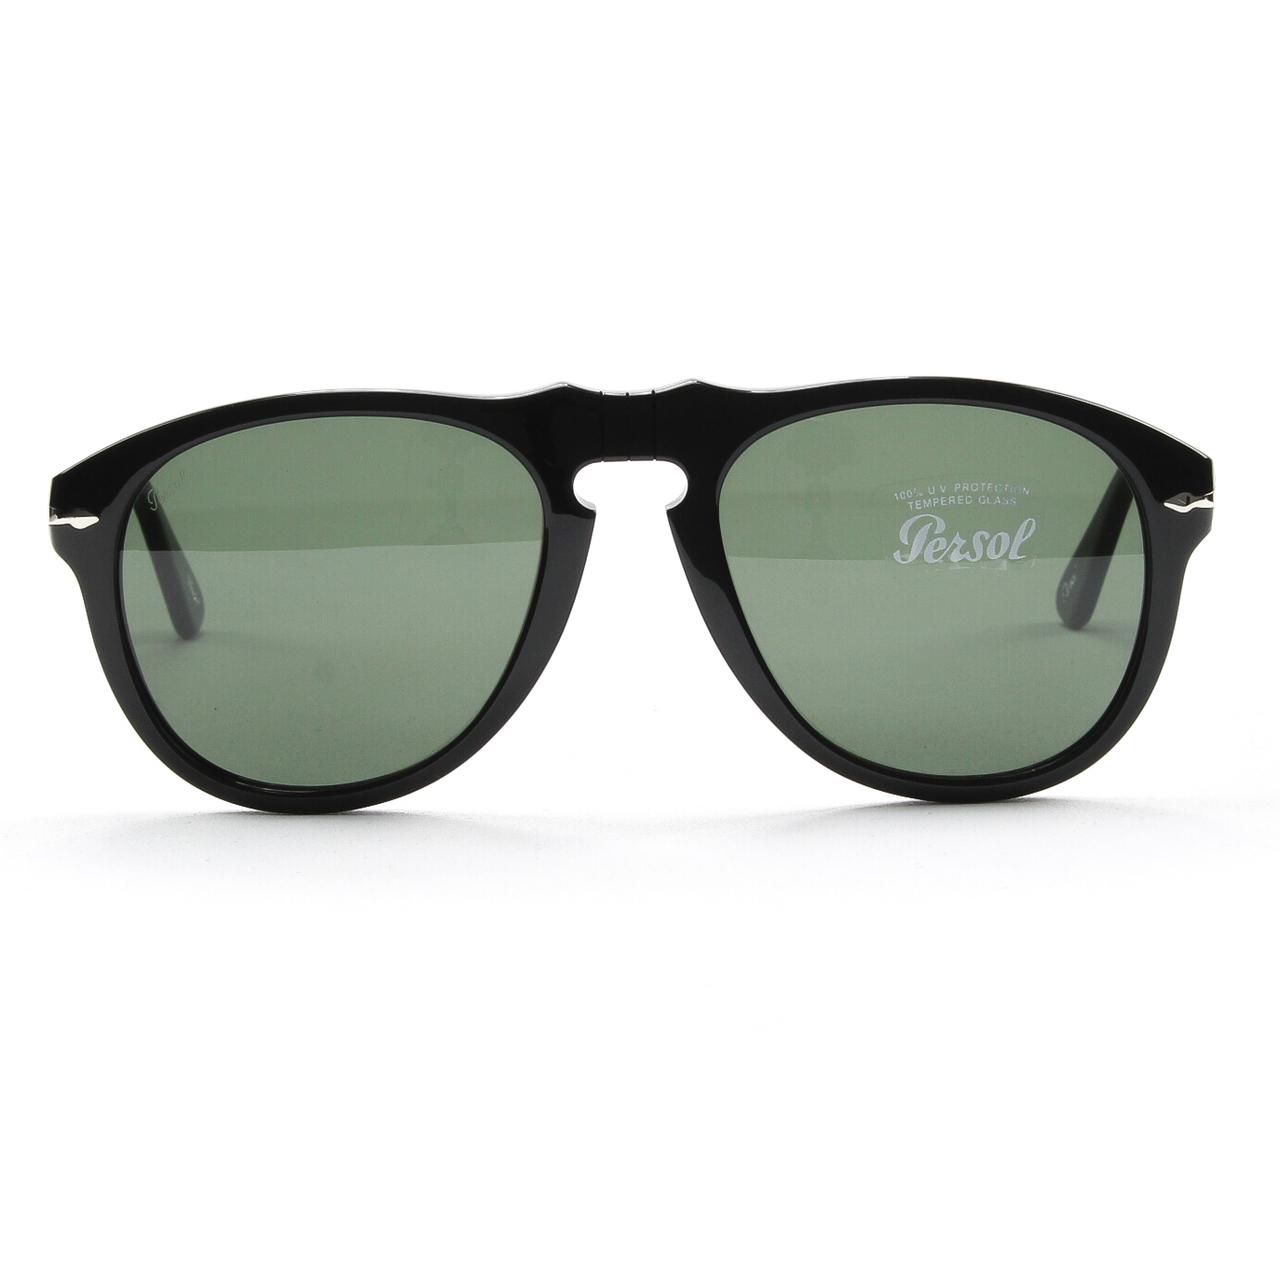 573807ff3be Are Persol Sunglasses Polarized